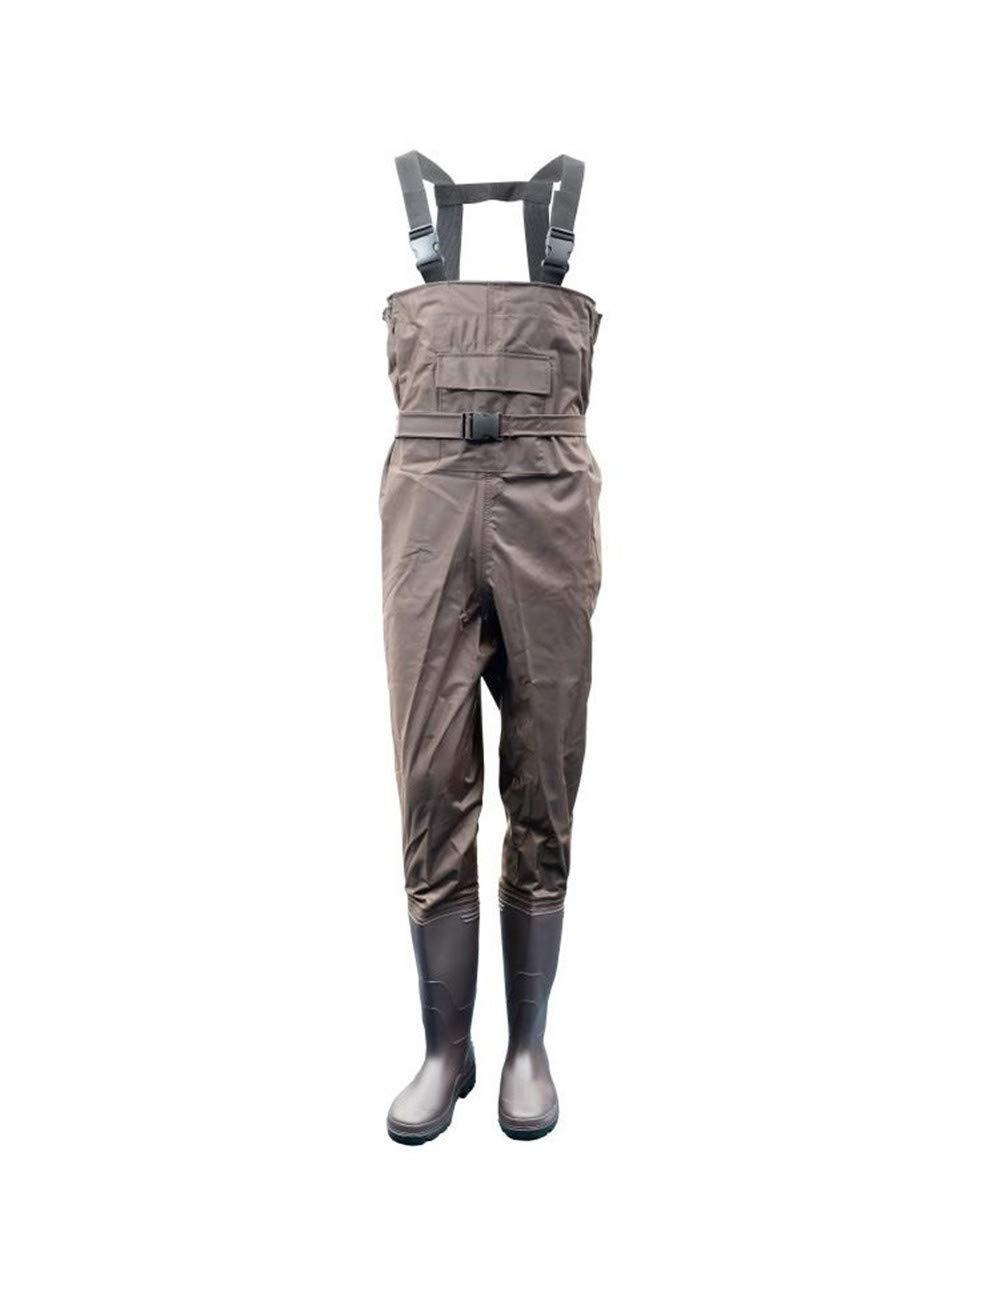 Erwachsene Wathose Anglerhose wasserdicht Angel-Hose Arbeit Hose mit Stiefel